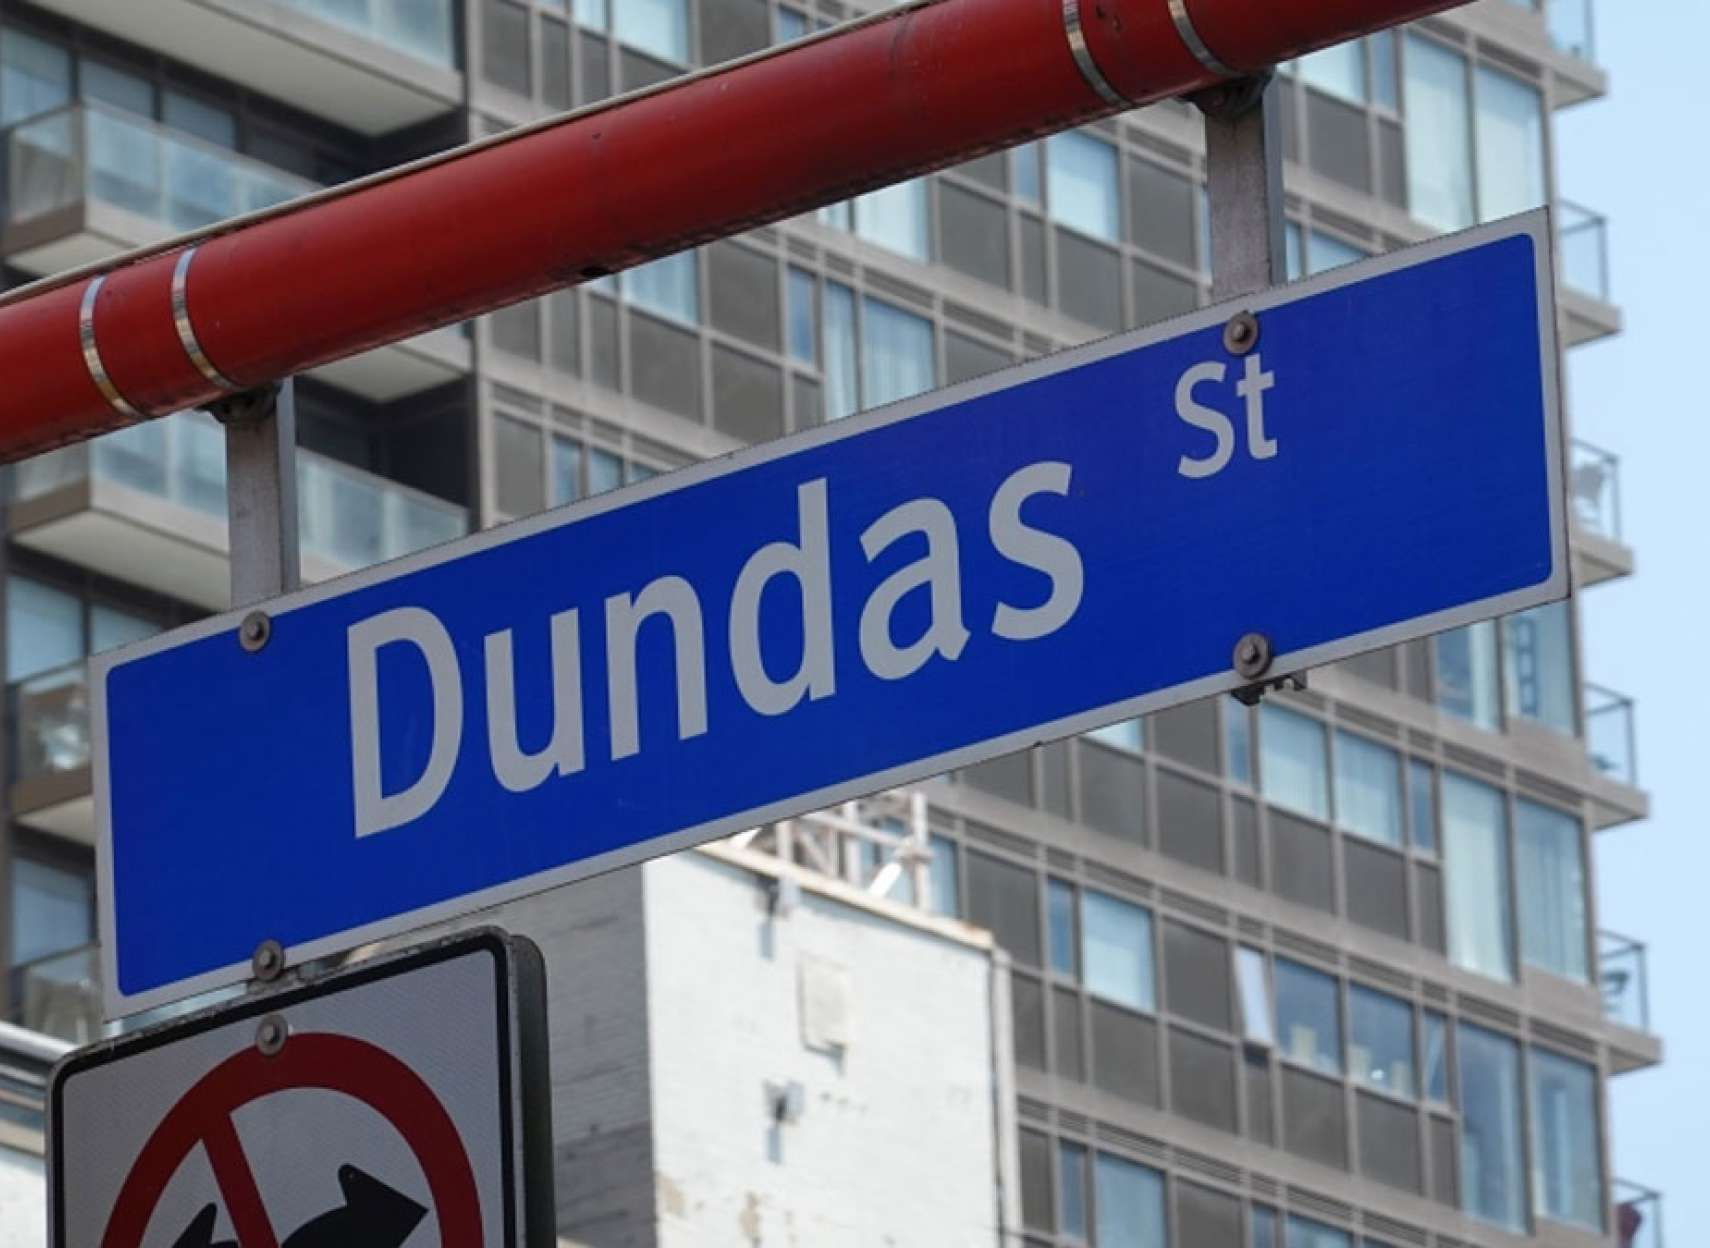 خبر-تورنتو-شورای-شهر-تورنتو-رای-به-تغییر-نام-خیابان-و-کل-اسامی-دانداس-داد